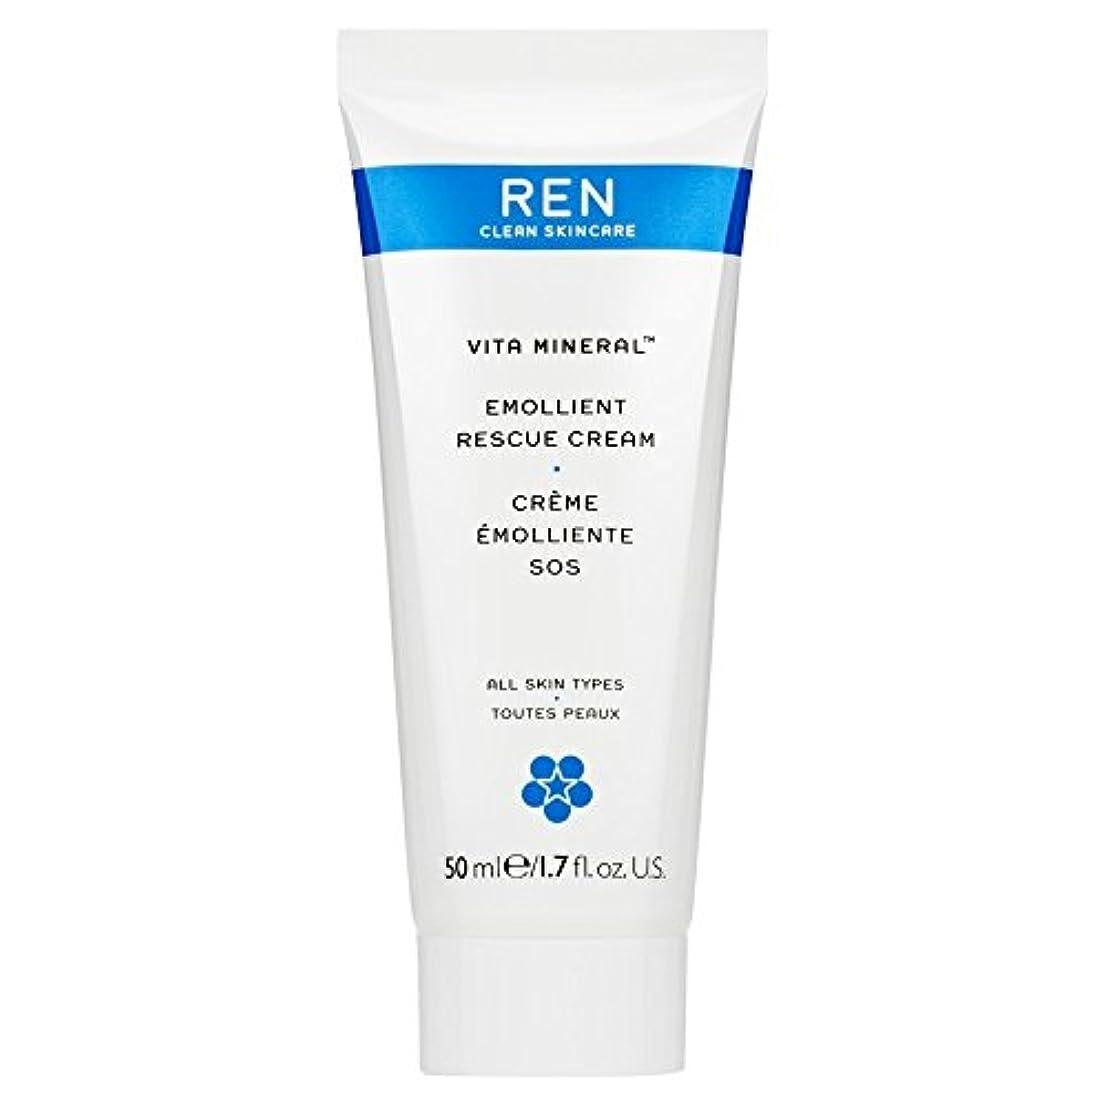 メアリアンジョーンズ行き当たりばったりこしょうRenヴィータミネラルレスキュークリーム、50ミリリットル (REN) (x6) - REN Vita Mineral Rescue Cream, 50ml (Pack of 6) [並行輸入品]